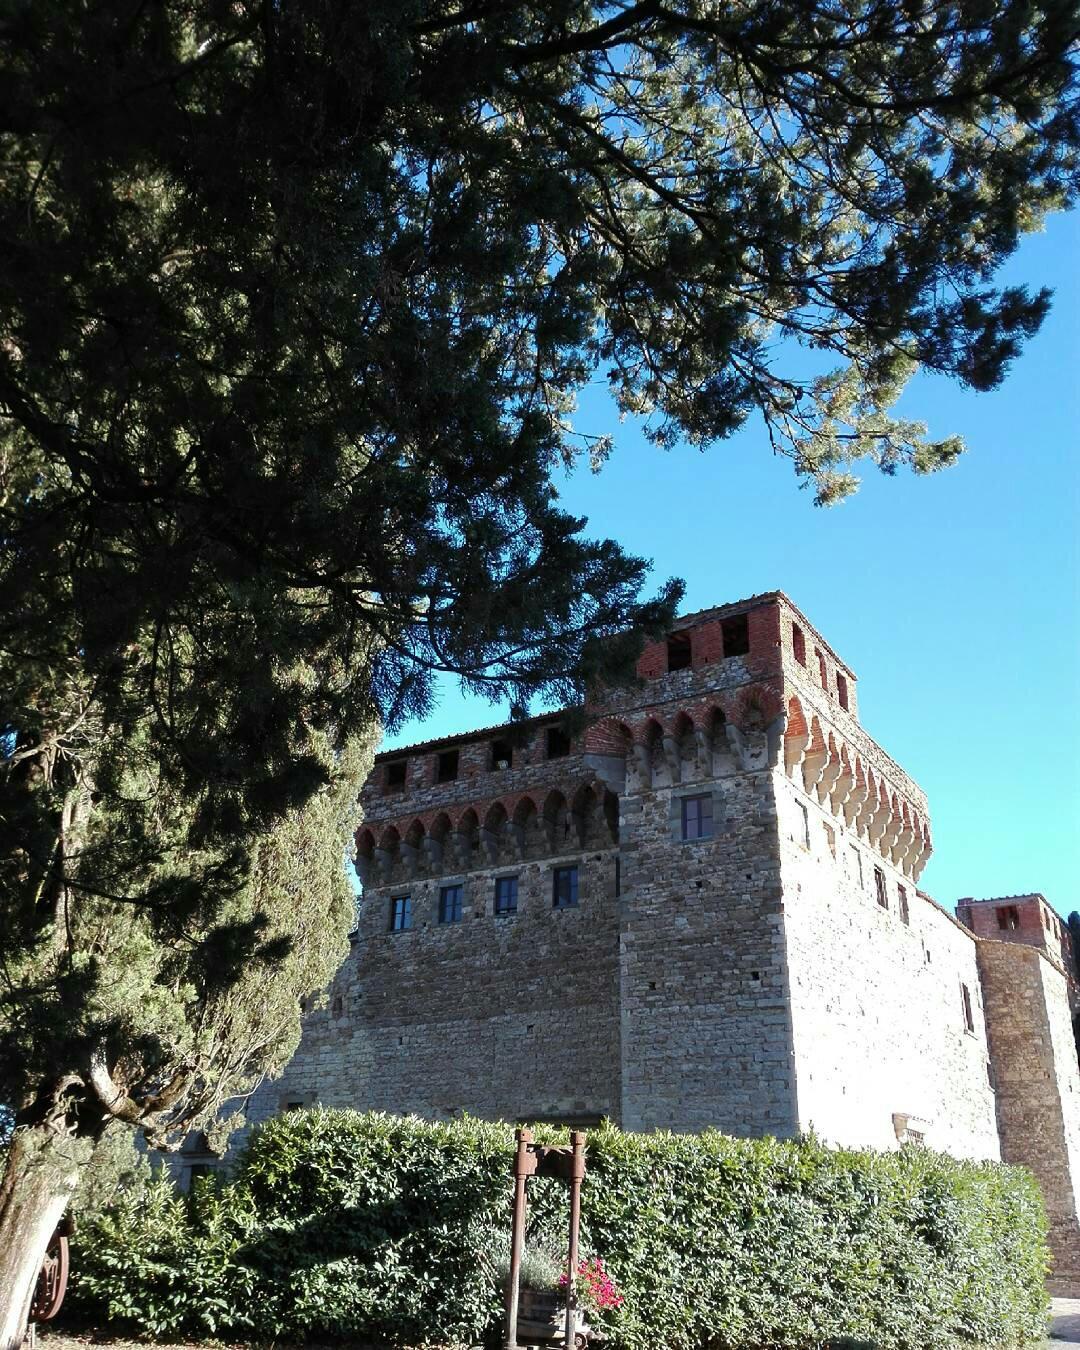 #FoodAndTravel: Un castello alle porte di Firenze, immerso tra colline ricoperte da vigneti